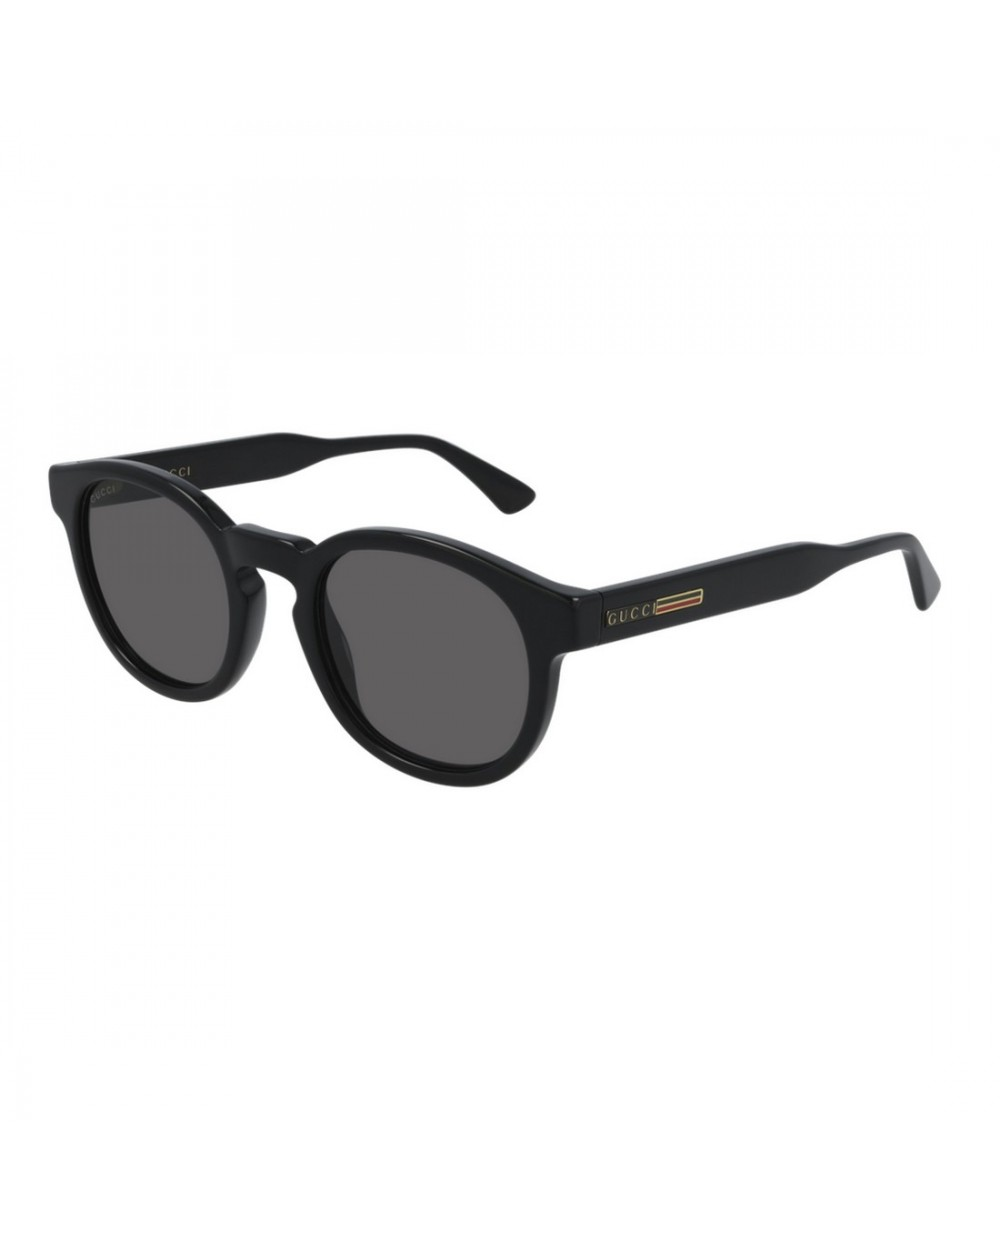 Occhiale da sole Gucci GG 0825S originale garanzia italia